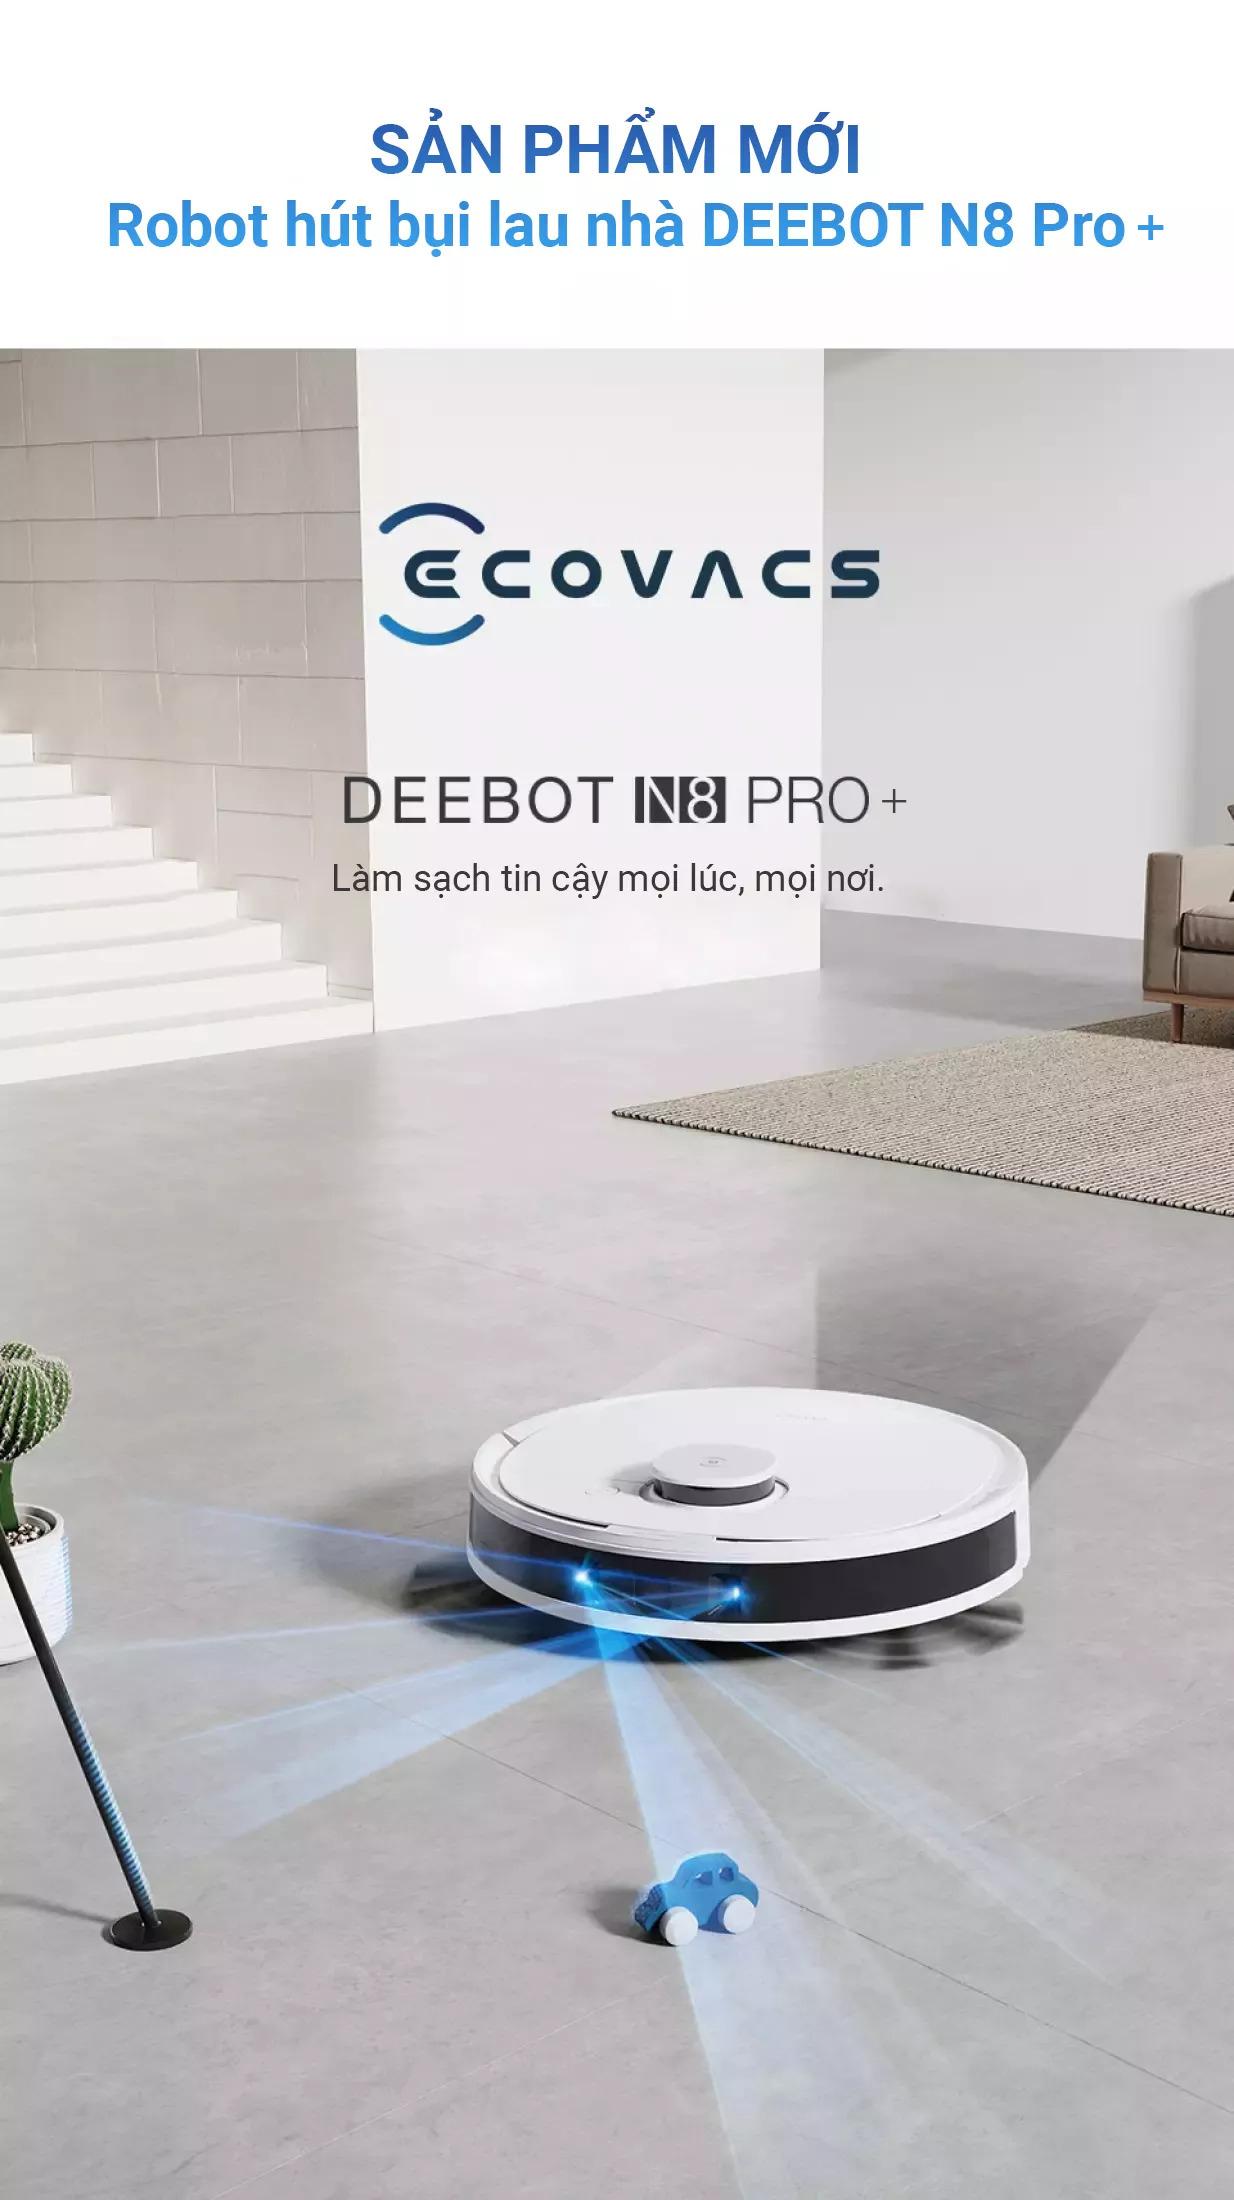 Robot hút bụi lau nhà Ecovacs Deebot N8 Pro Plus - Bản Quốc Tế 10